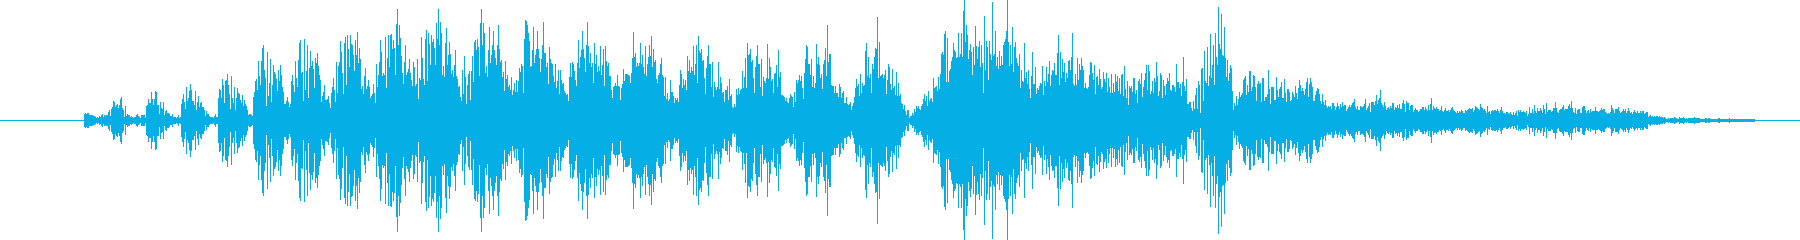 モンスター グリッチトーク06の再生済みの波形